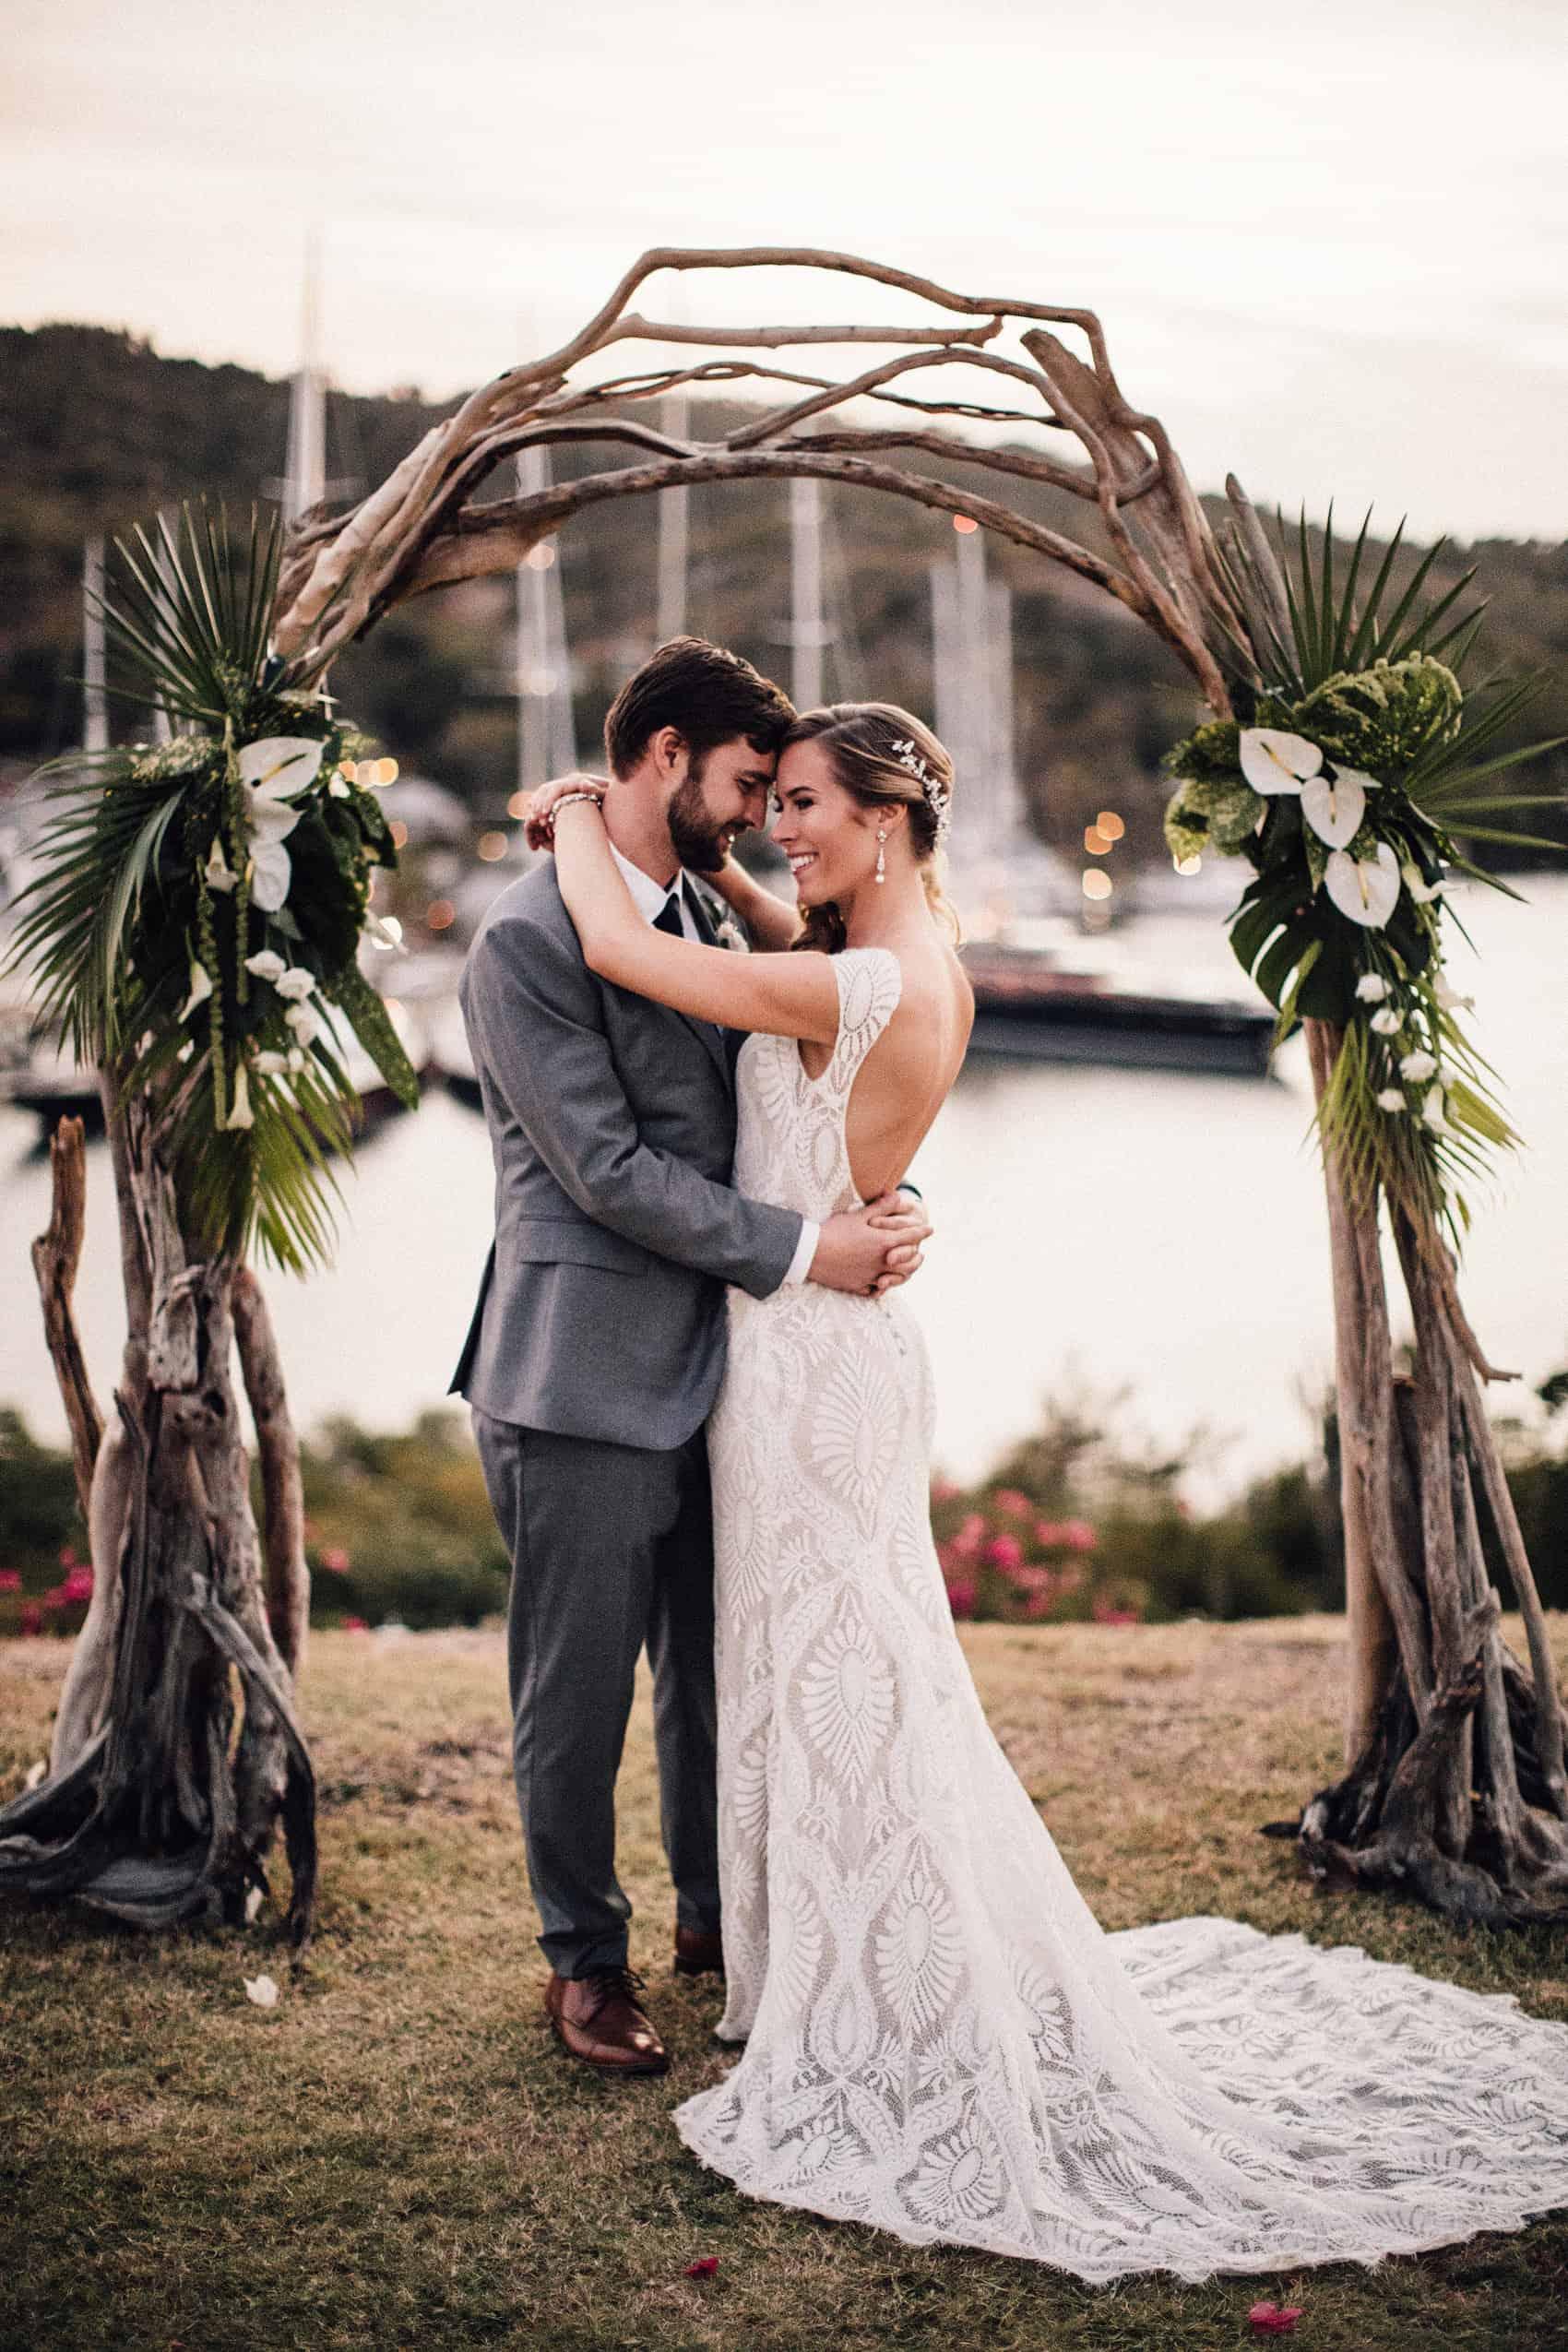 driftwood floral wedding arch